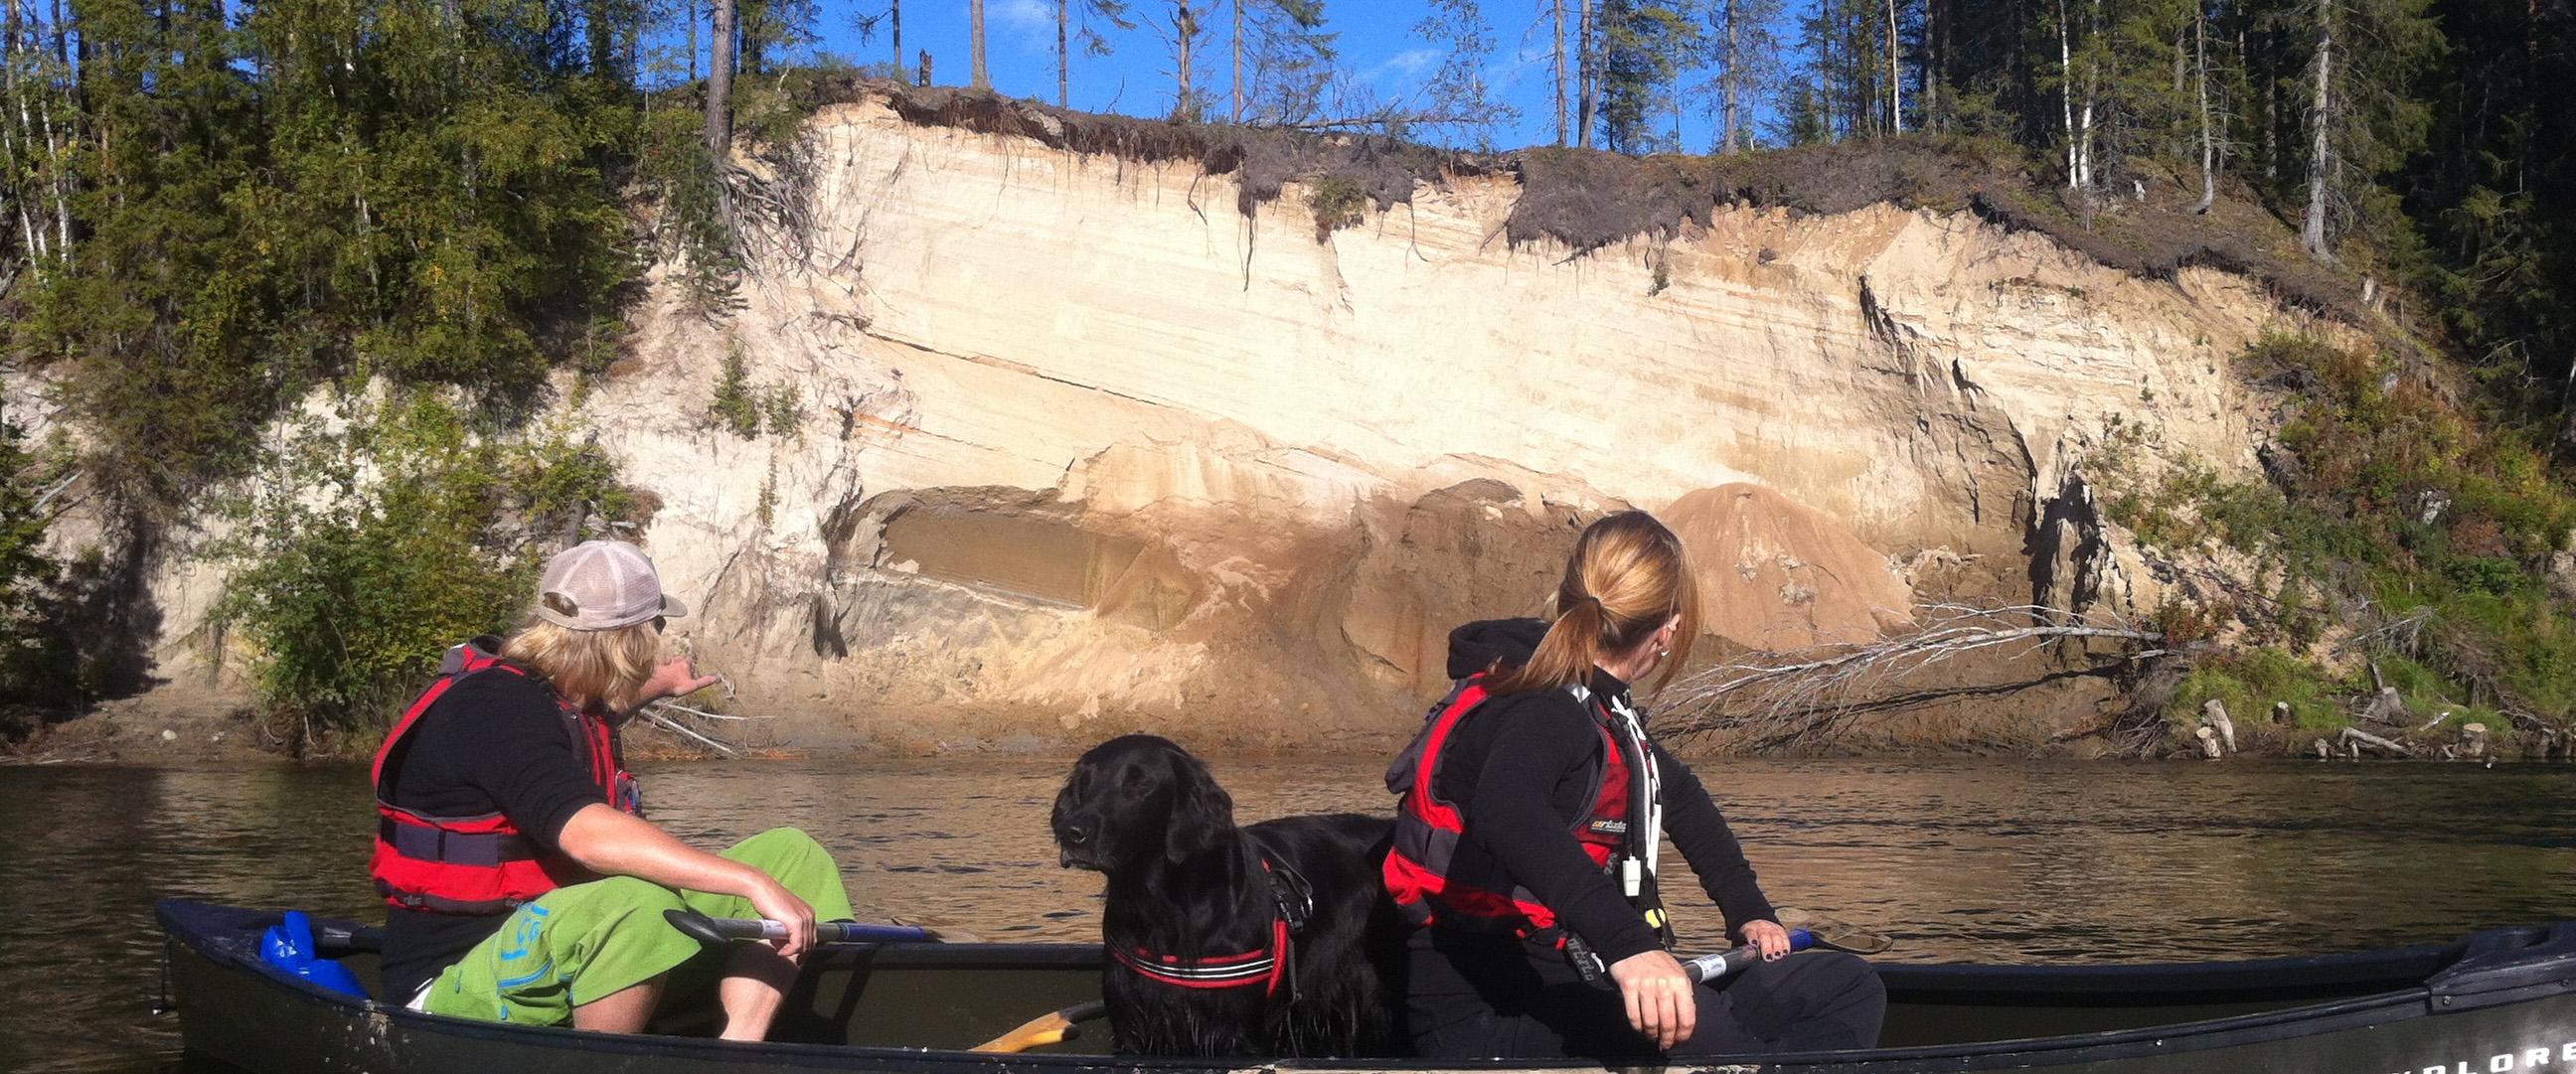 Kanot som glider fram intill sandbanken